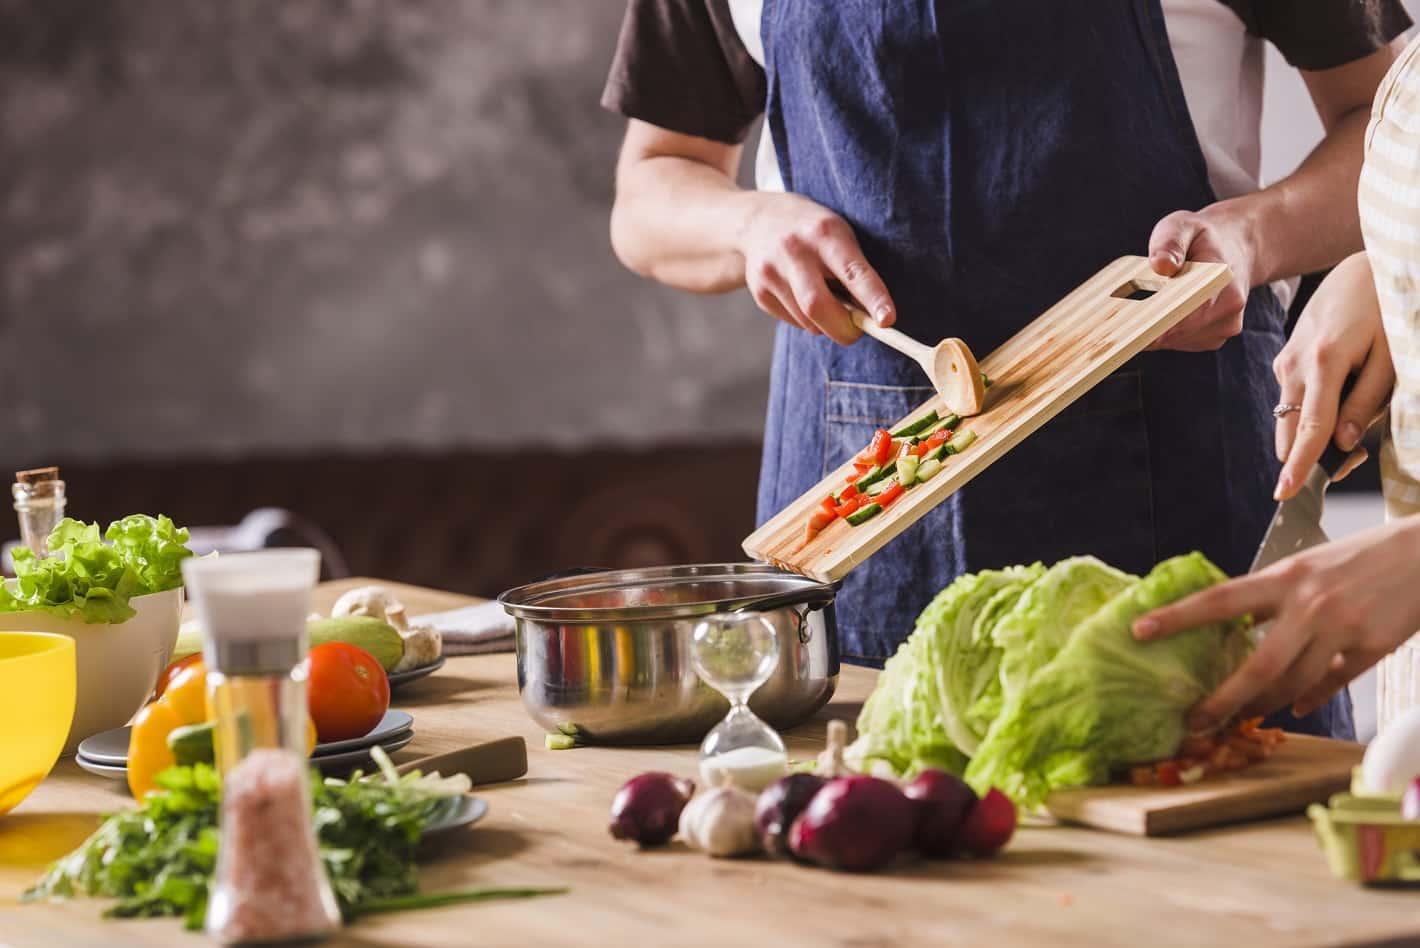 Szybkie i proste przepisy na smaczne i pożywne dania